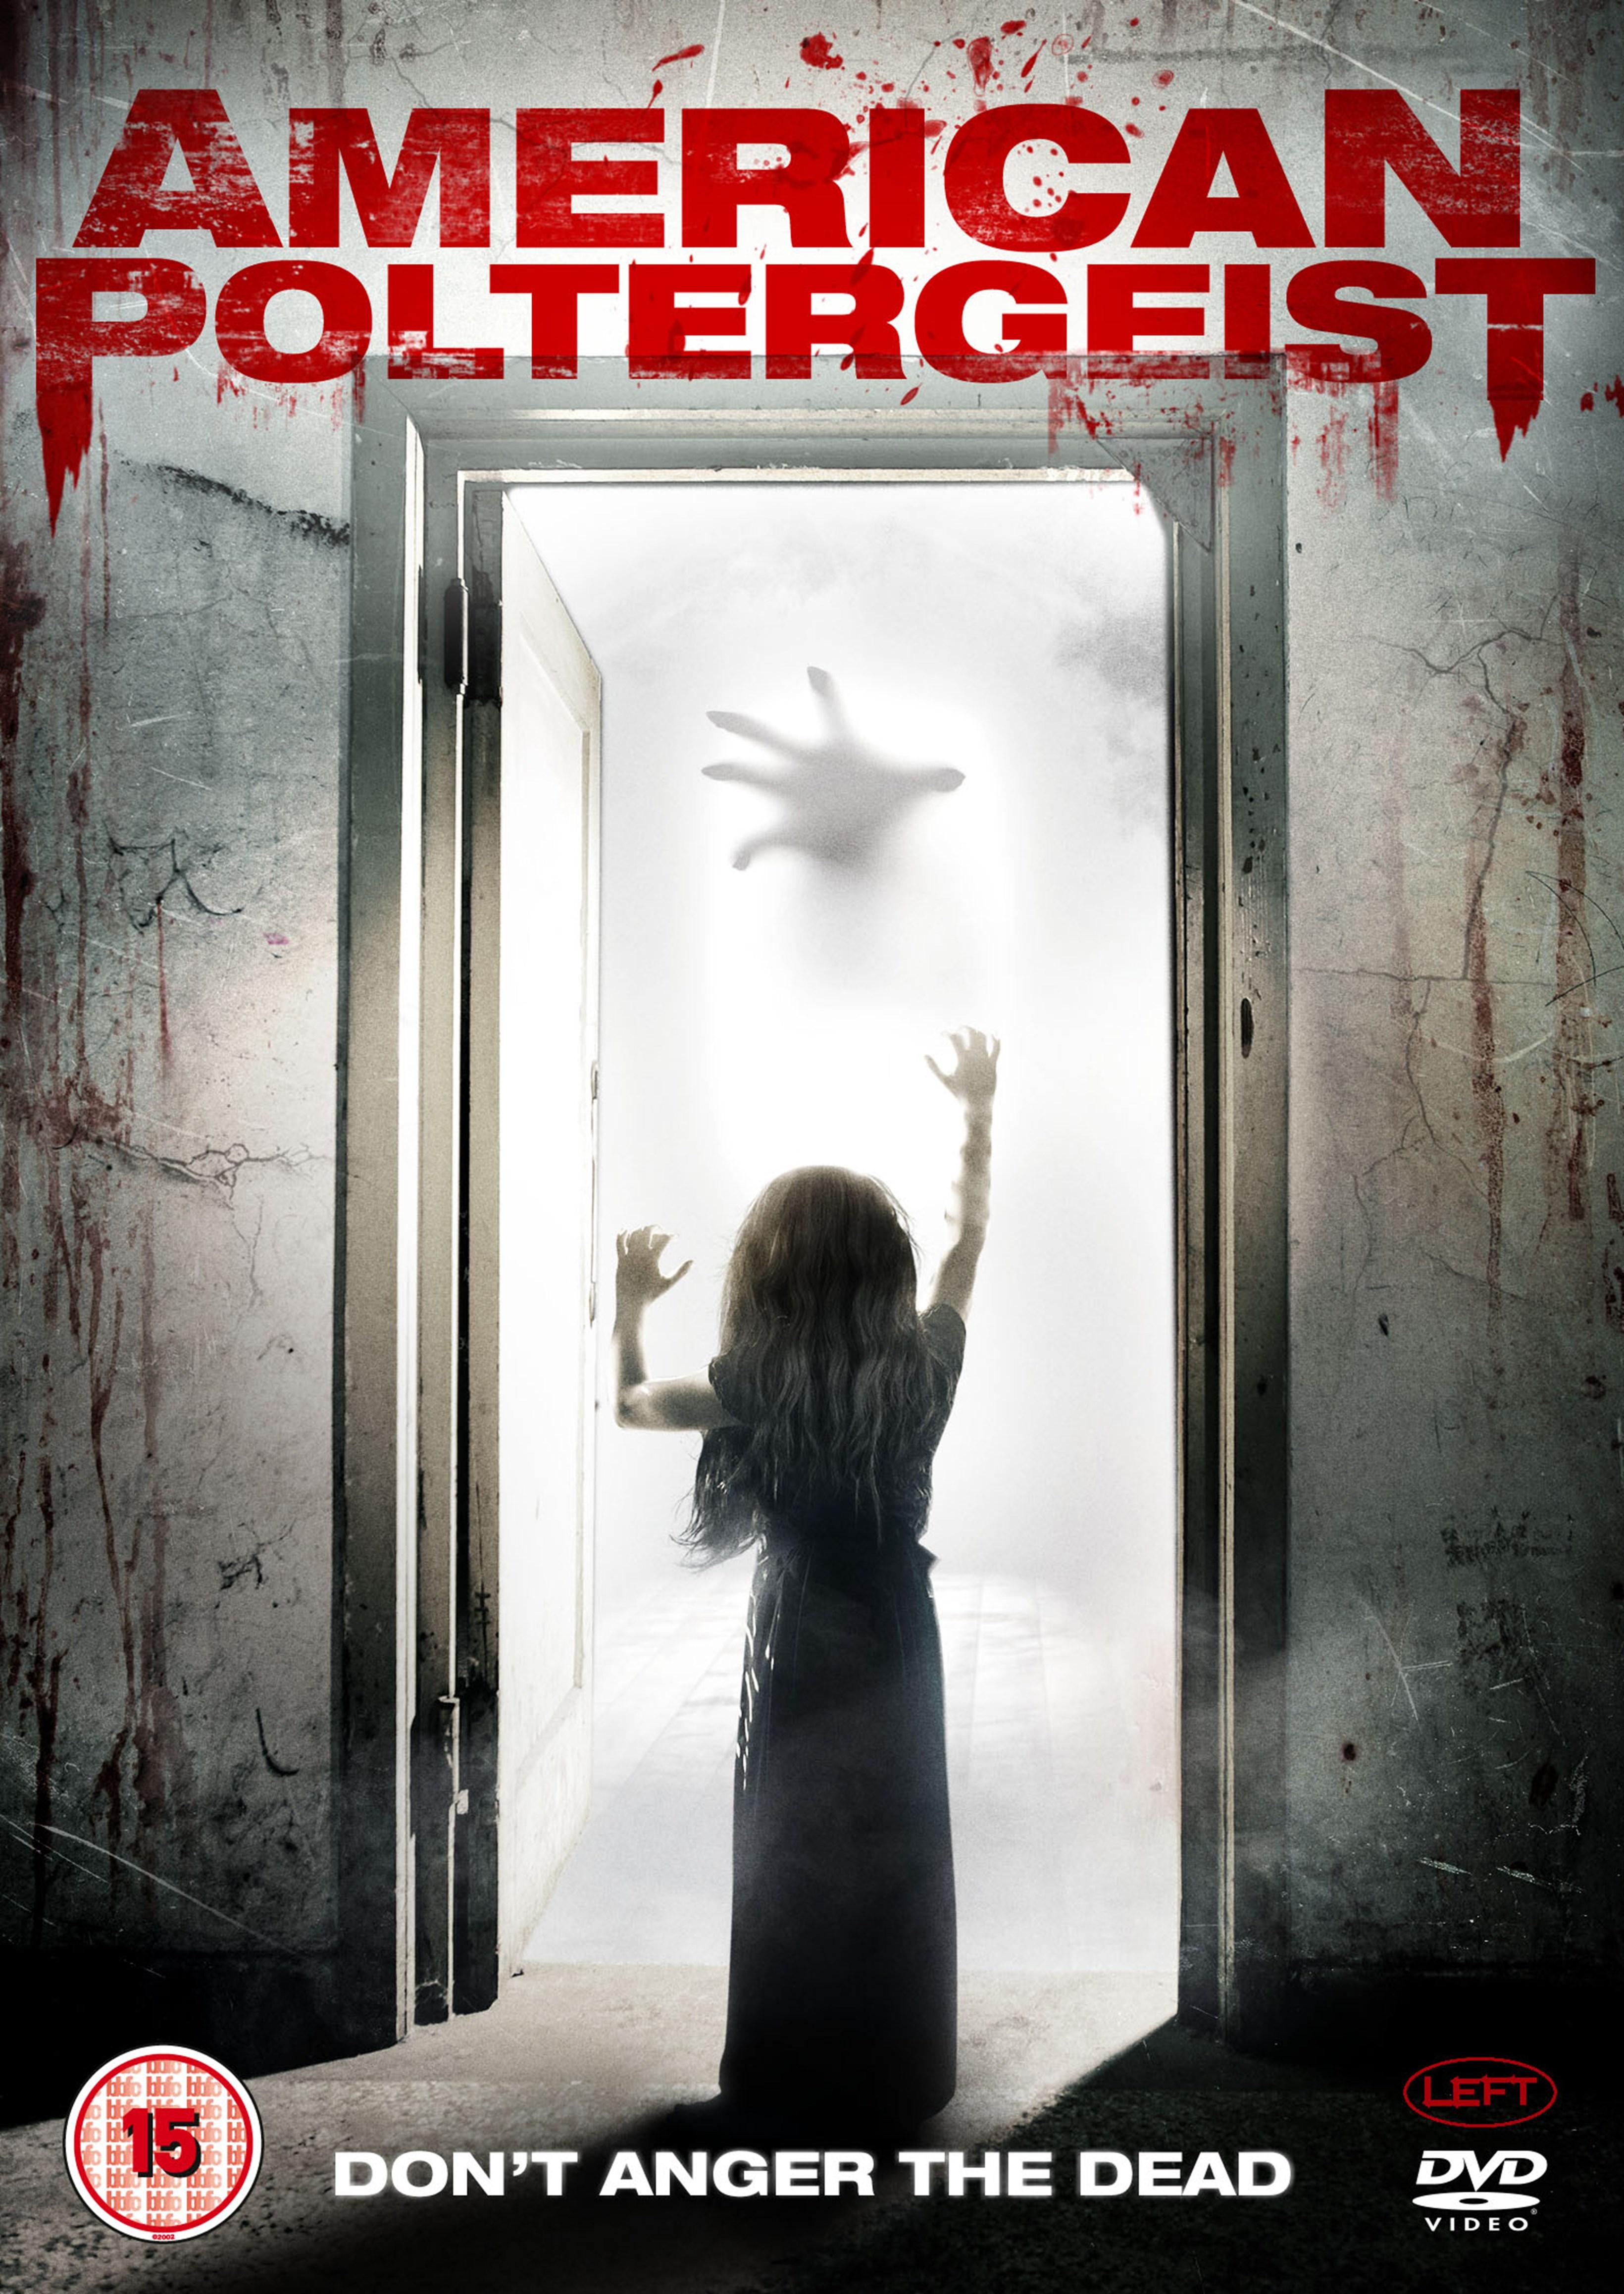 American Poltergeist - 1